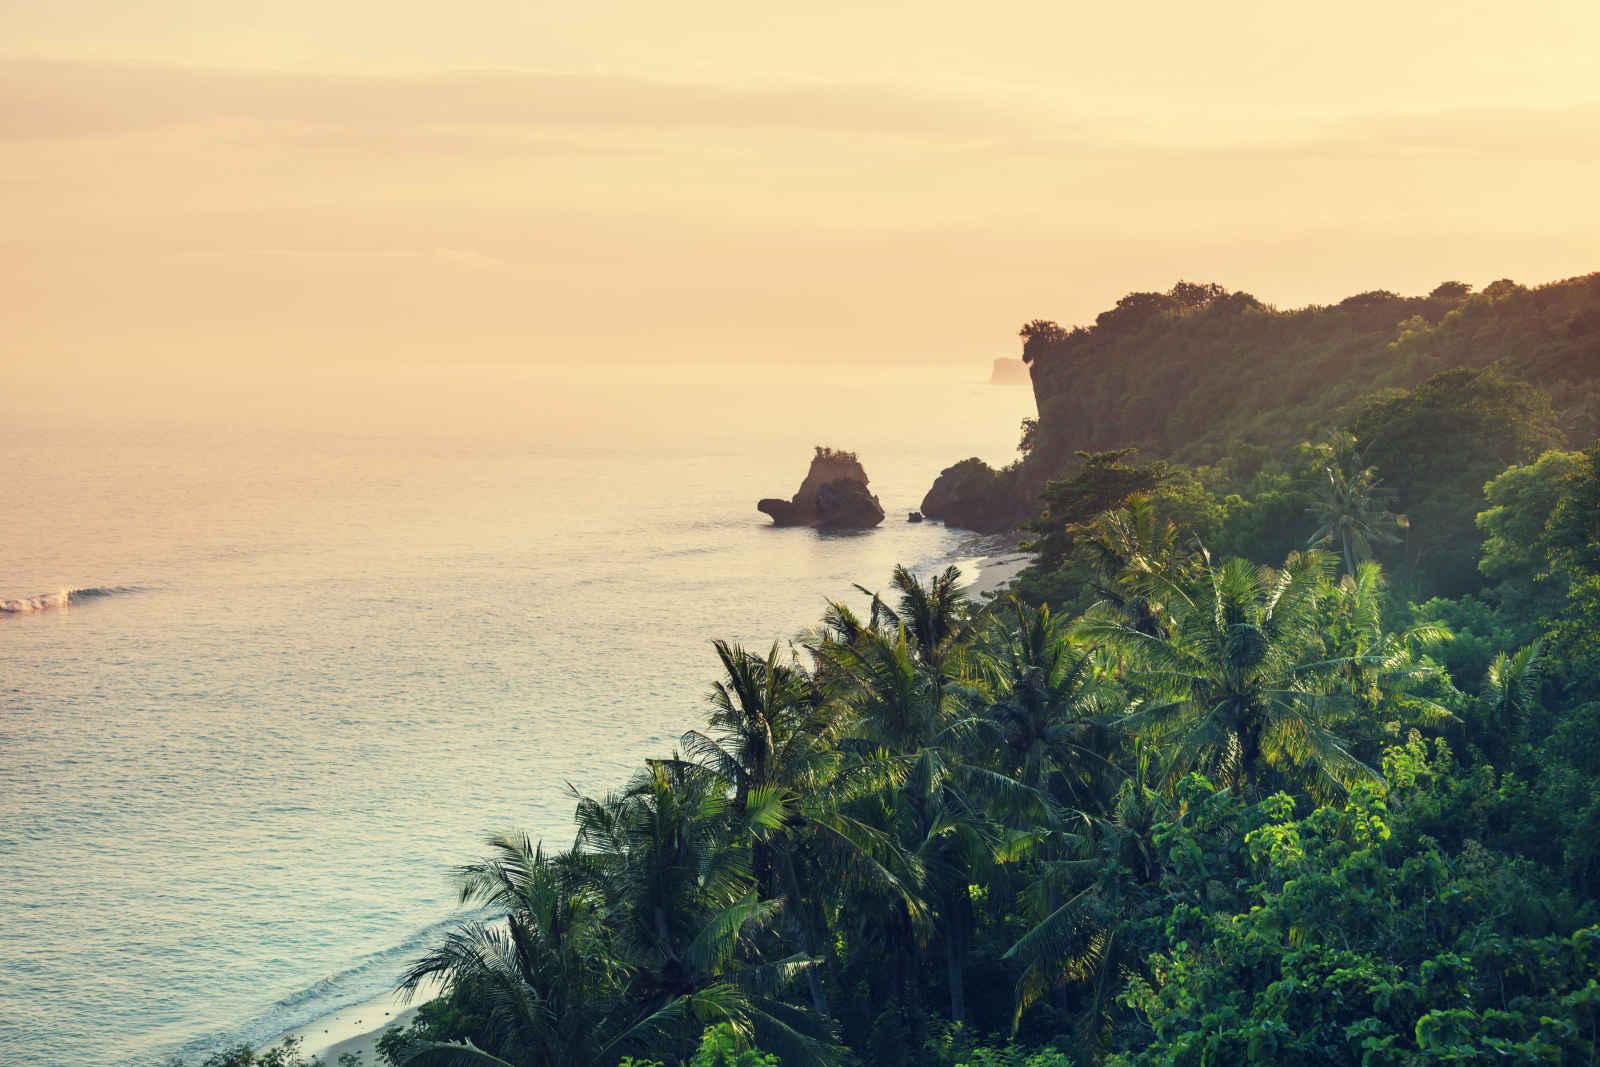 Voyage à Bali : circuits accompagnés à Bali et séjour organisé | Kuoni